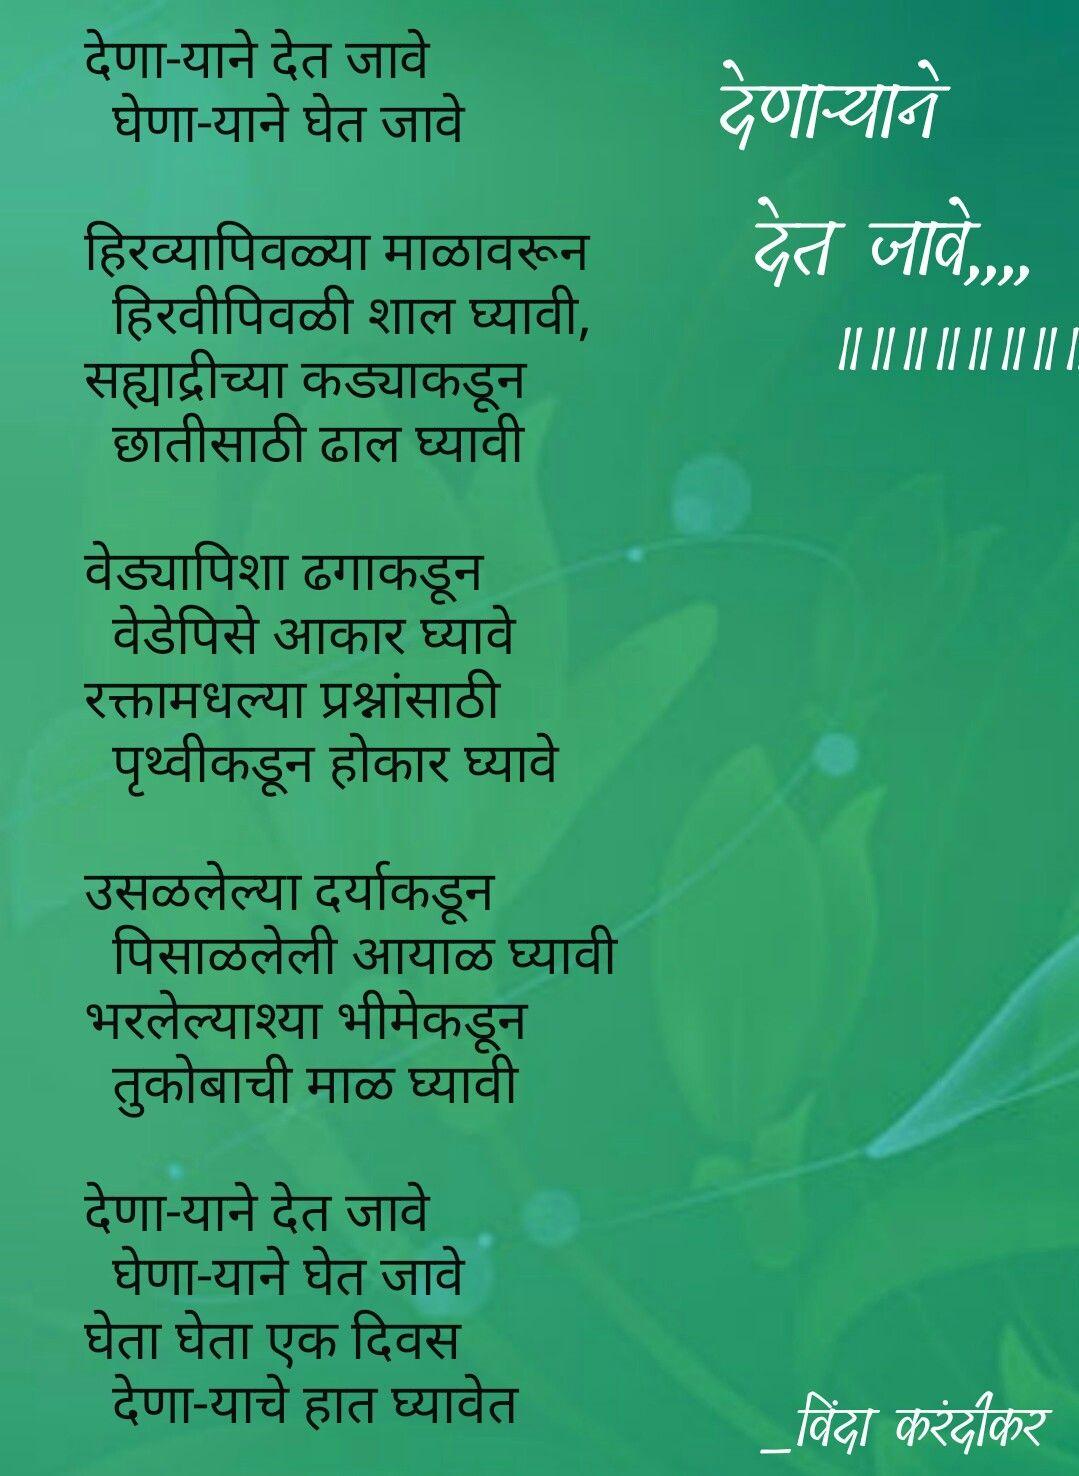 Pin by KK on मराठी Marathi poems, Zindagi quotes